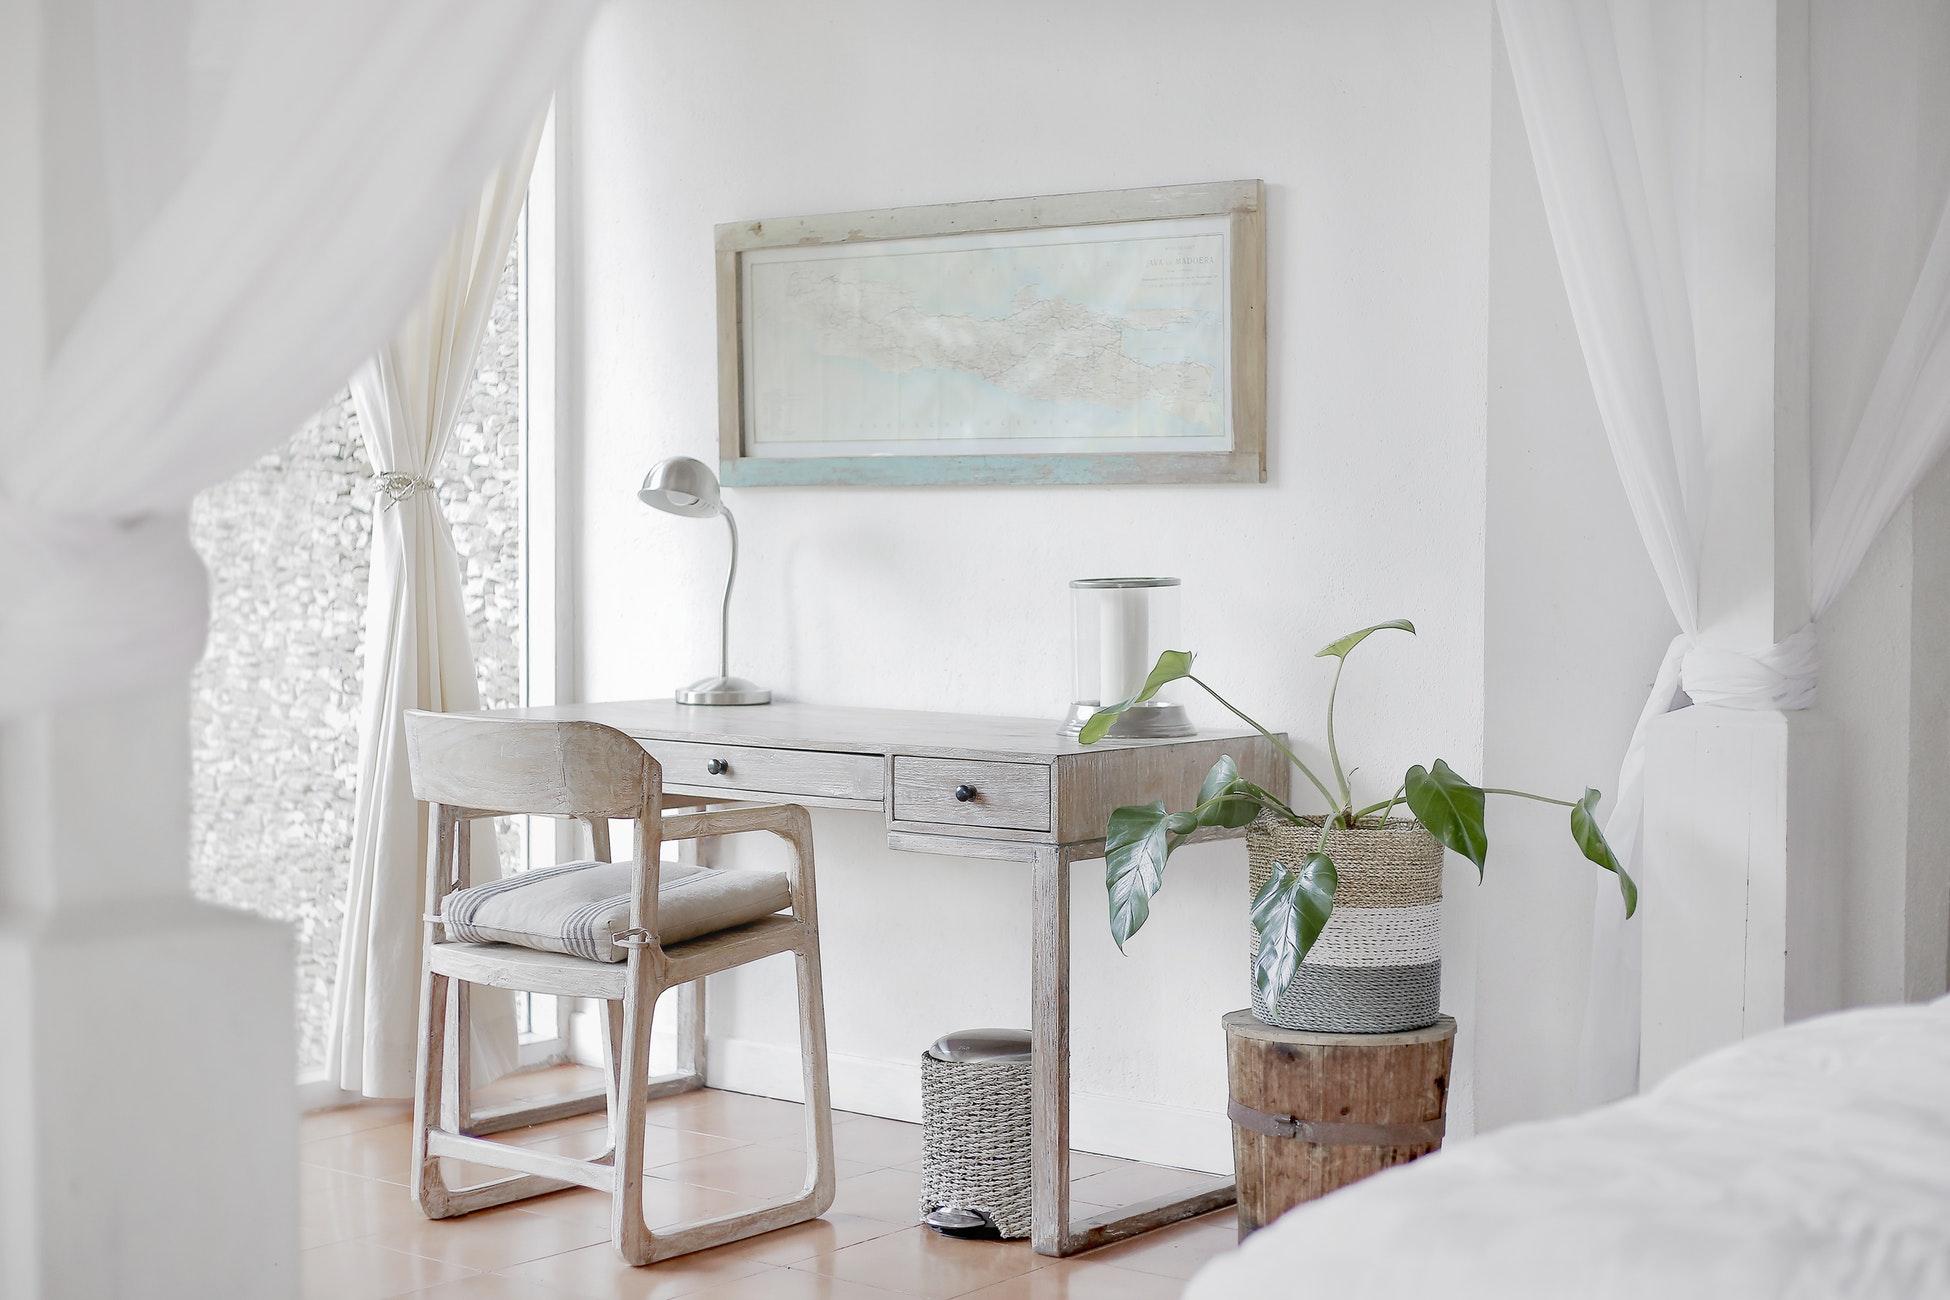 confinement idee maison confort amenagement